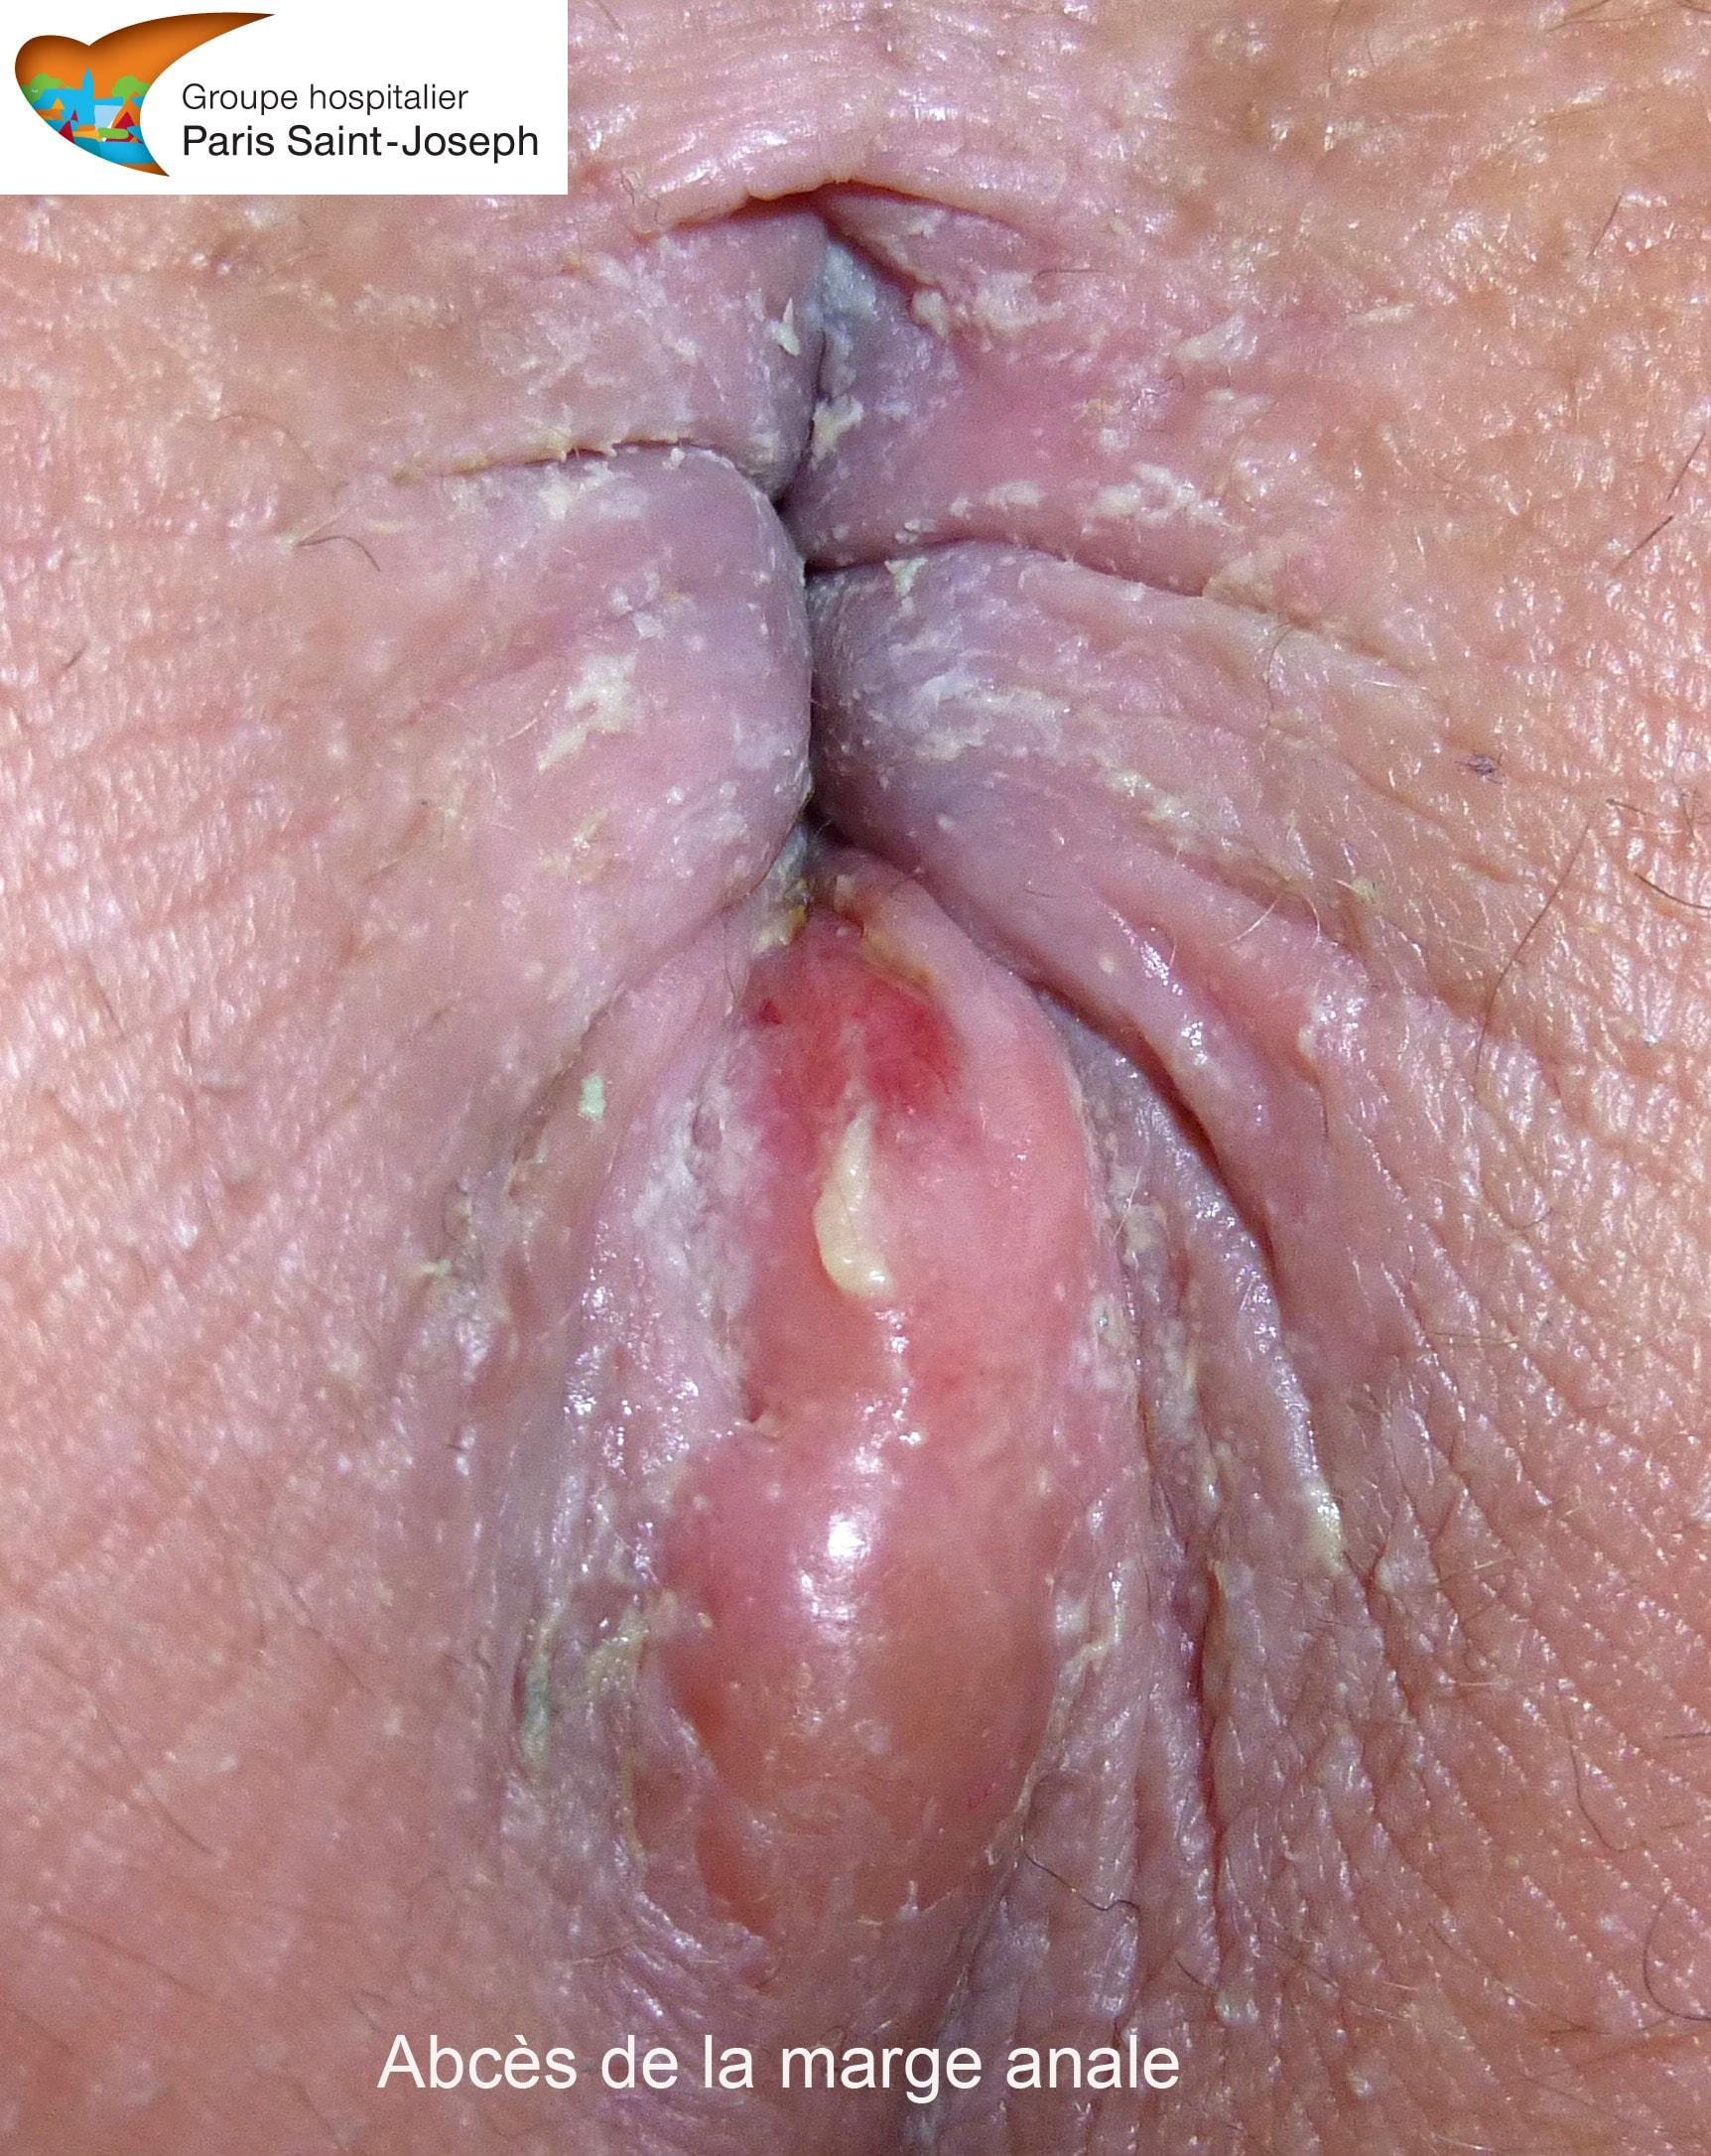 Fistules anales - Quel est le traitement ? - Fiches sant